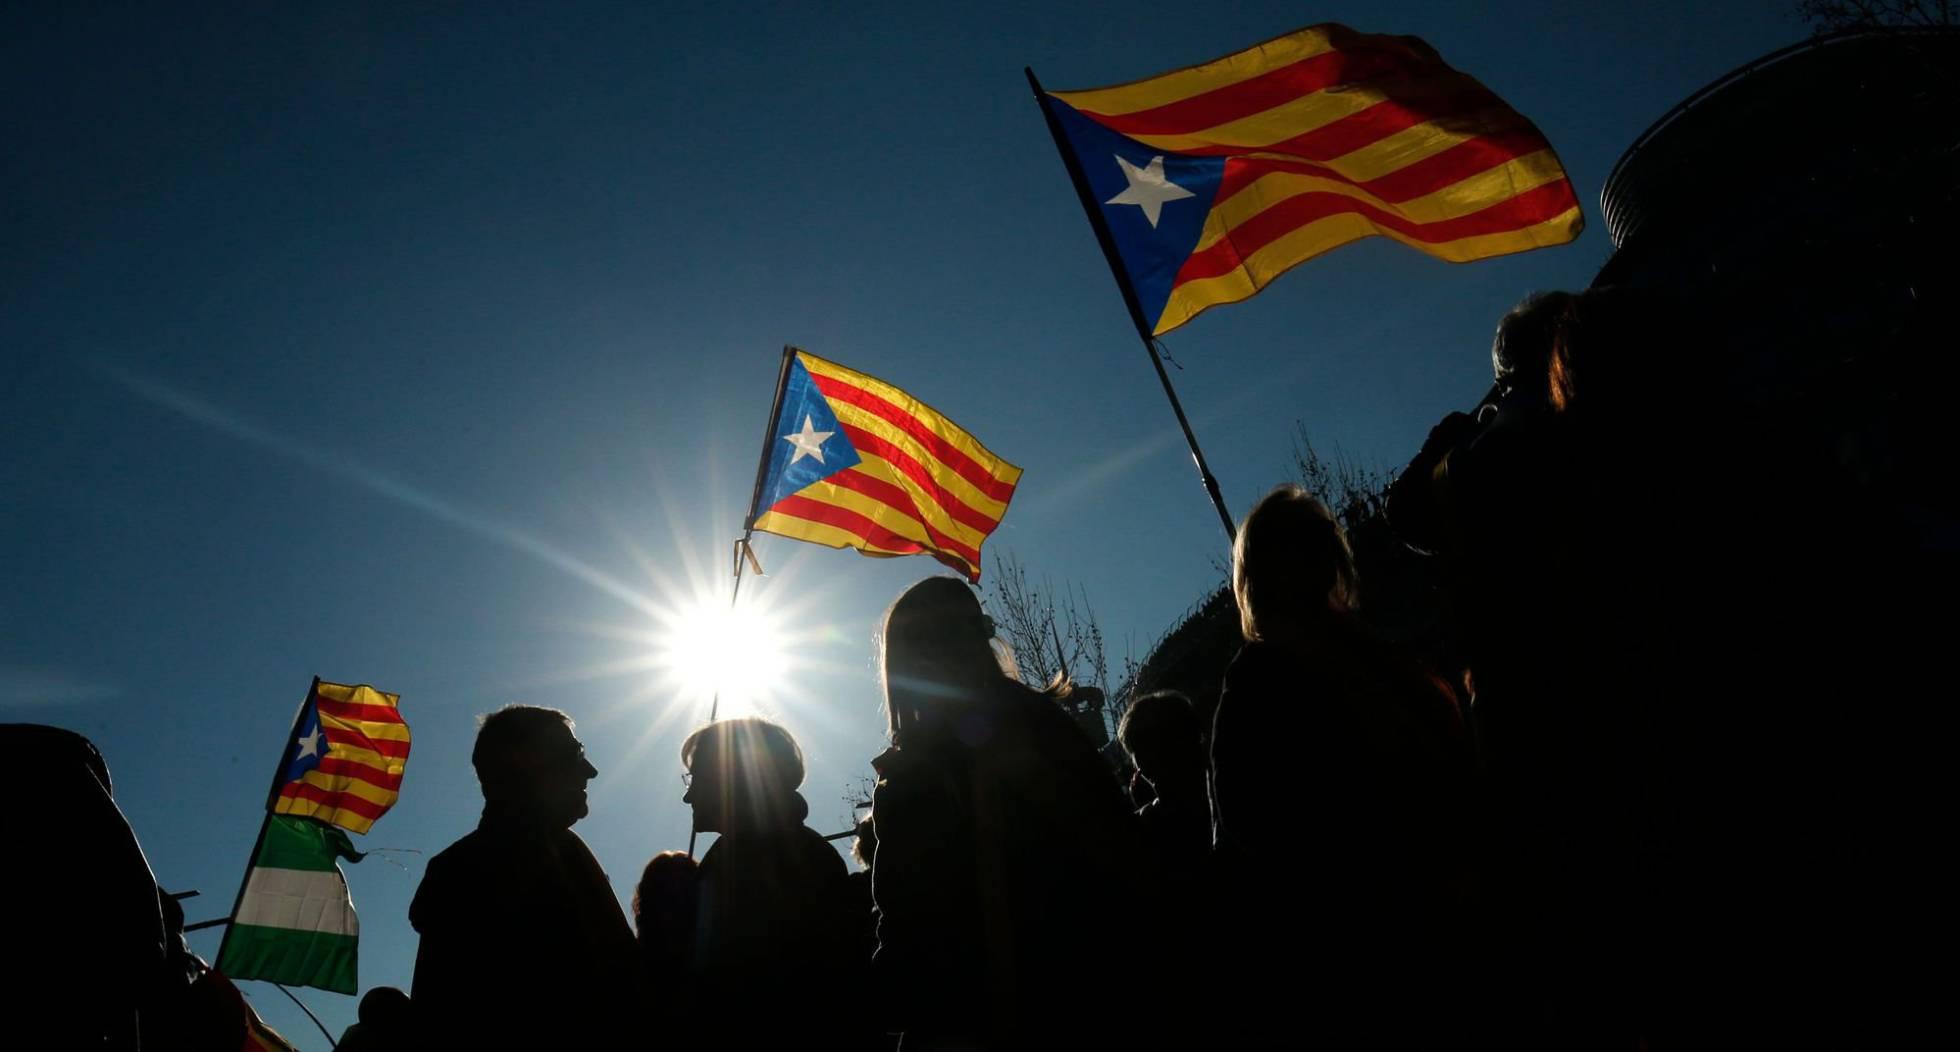 Manifestação contra o julgamento do 'próces', em Barcelona.